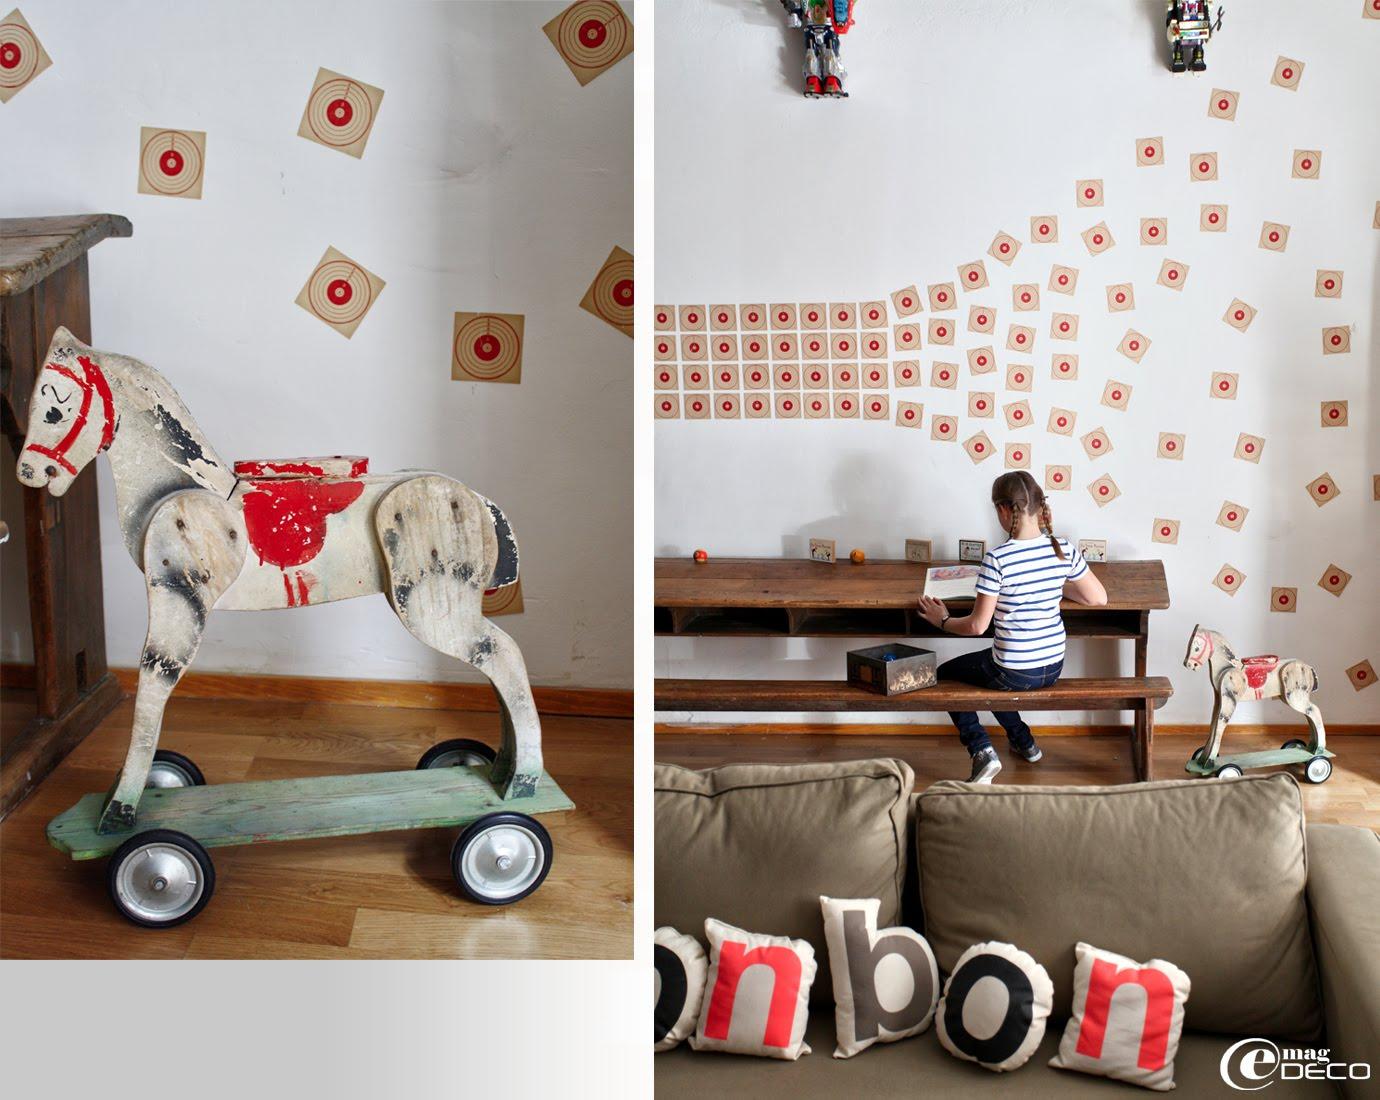 Vieux cheval en bois à roulettes et petits coussins lettres Paper & coffee